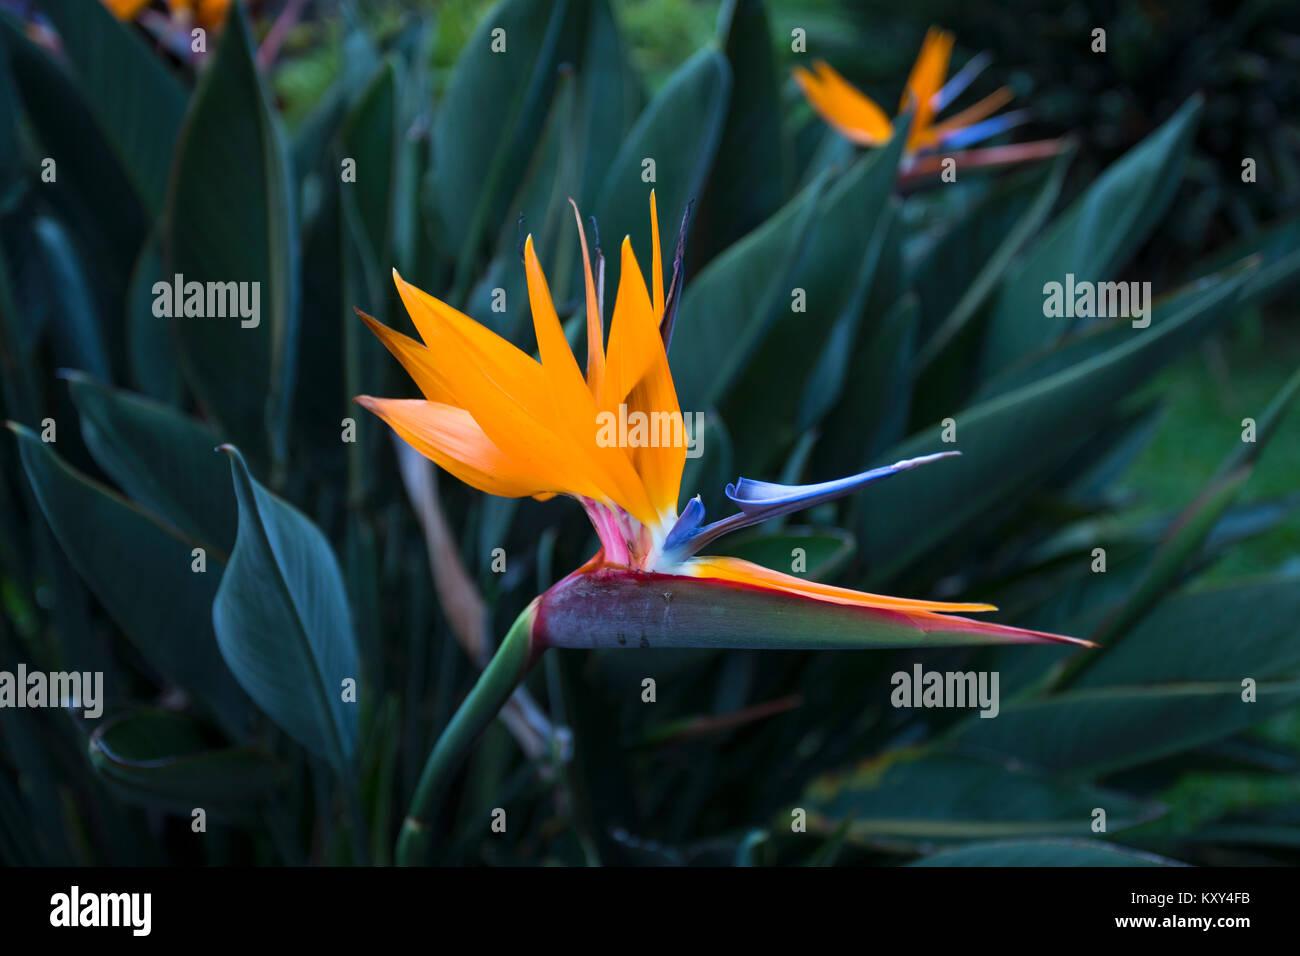 Uccello del Paradiso fiore Hawaii giardino botanico. Fiore